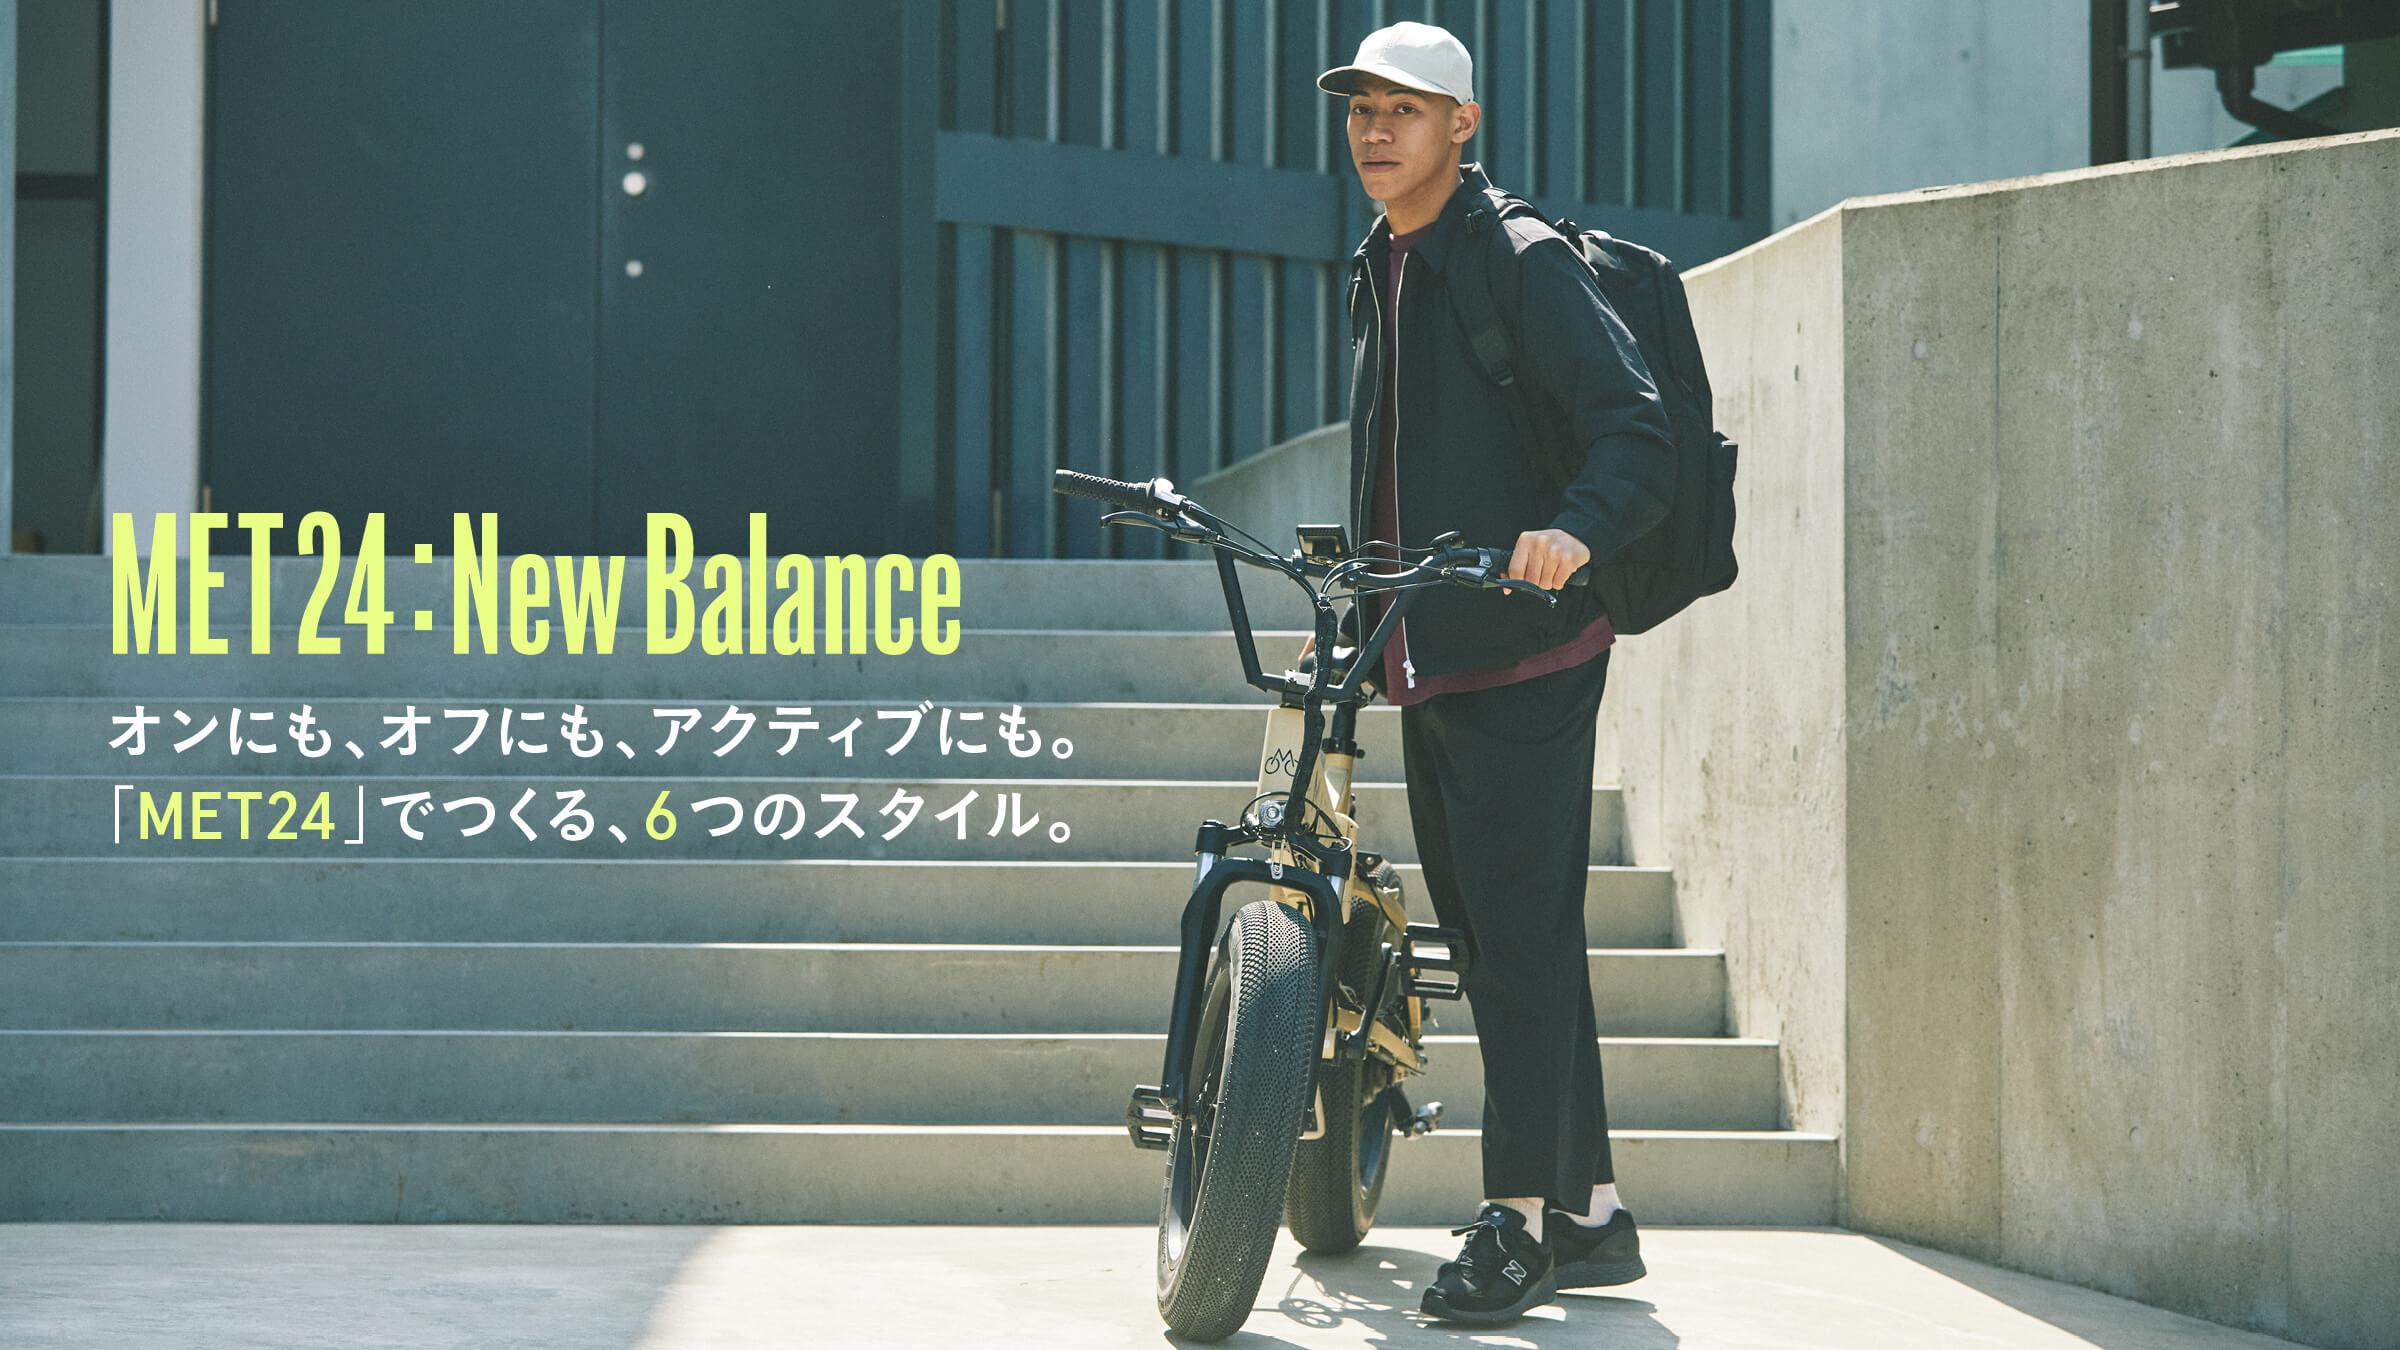 MET24: New Balance<br>オンにも、オフにも、アクティブにも。<br>「MET24」でつくる、6つのスタイル。